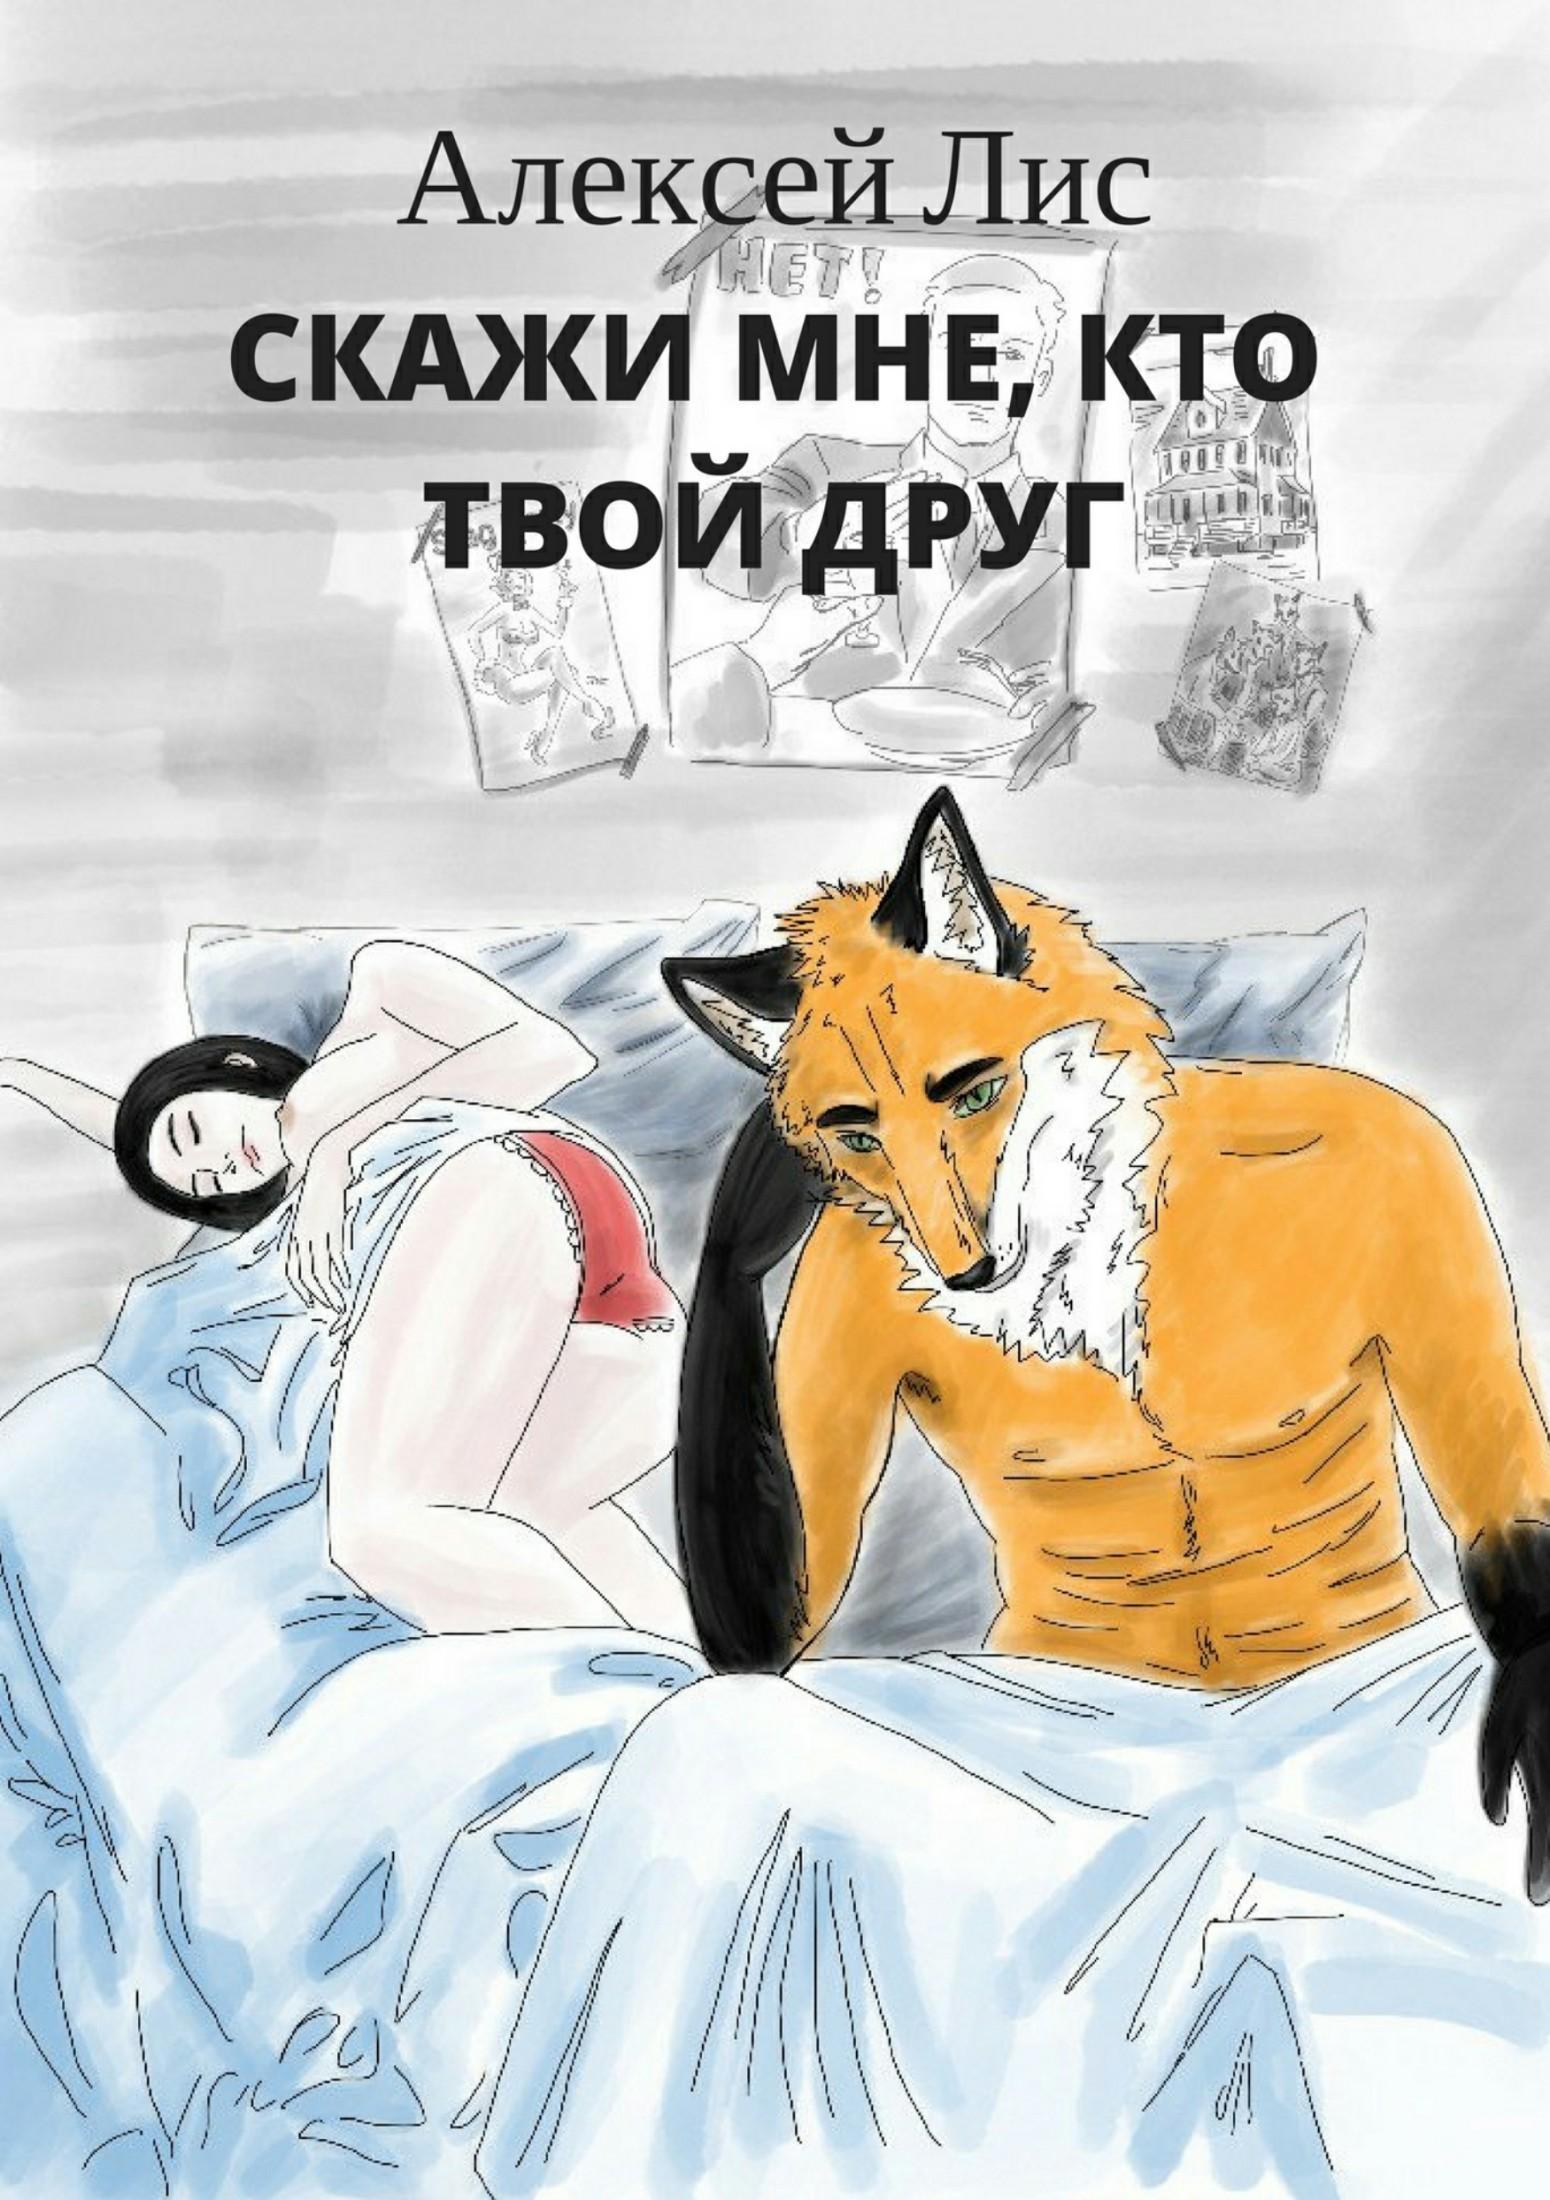 Алексей Лис. Скажи мне, кто твой друг